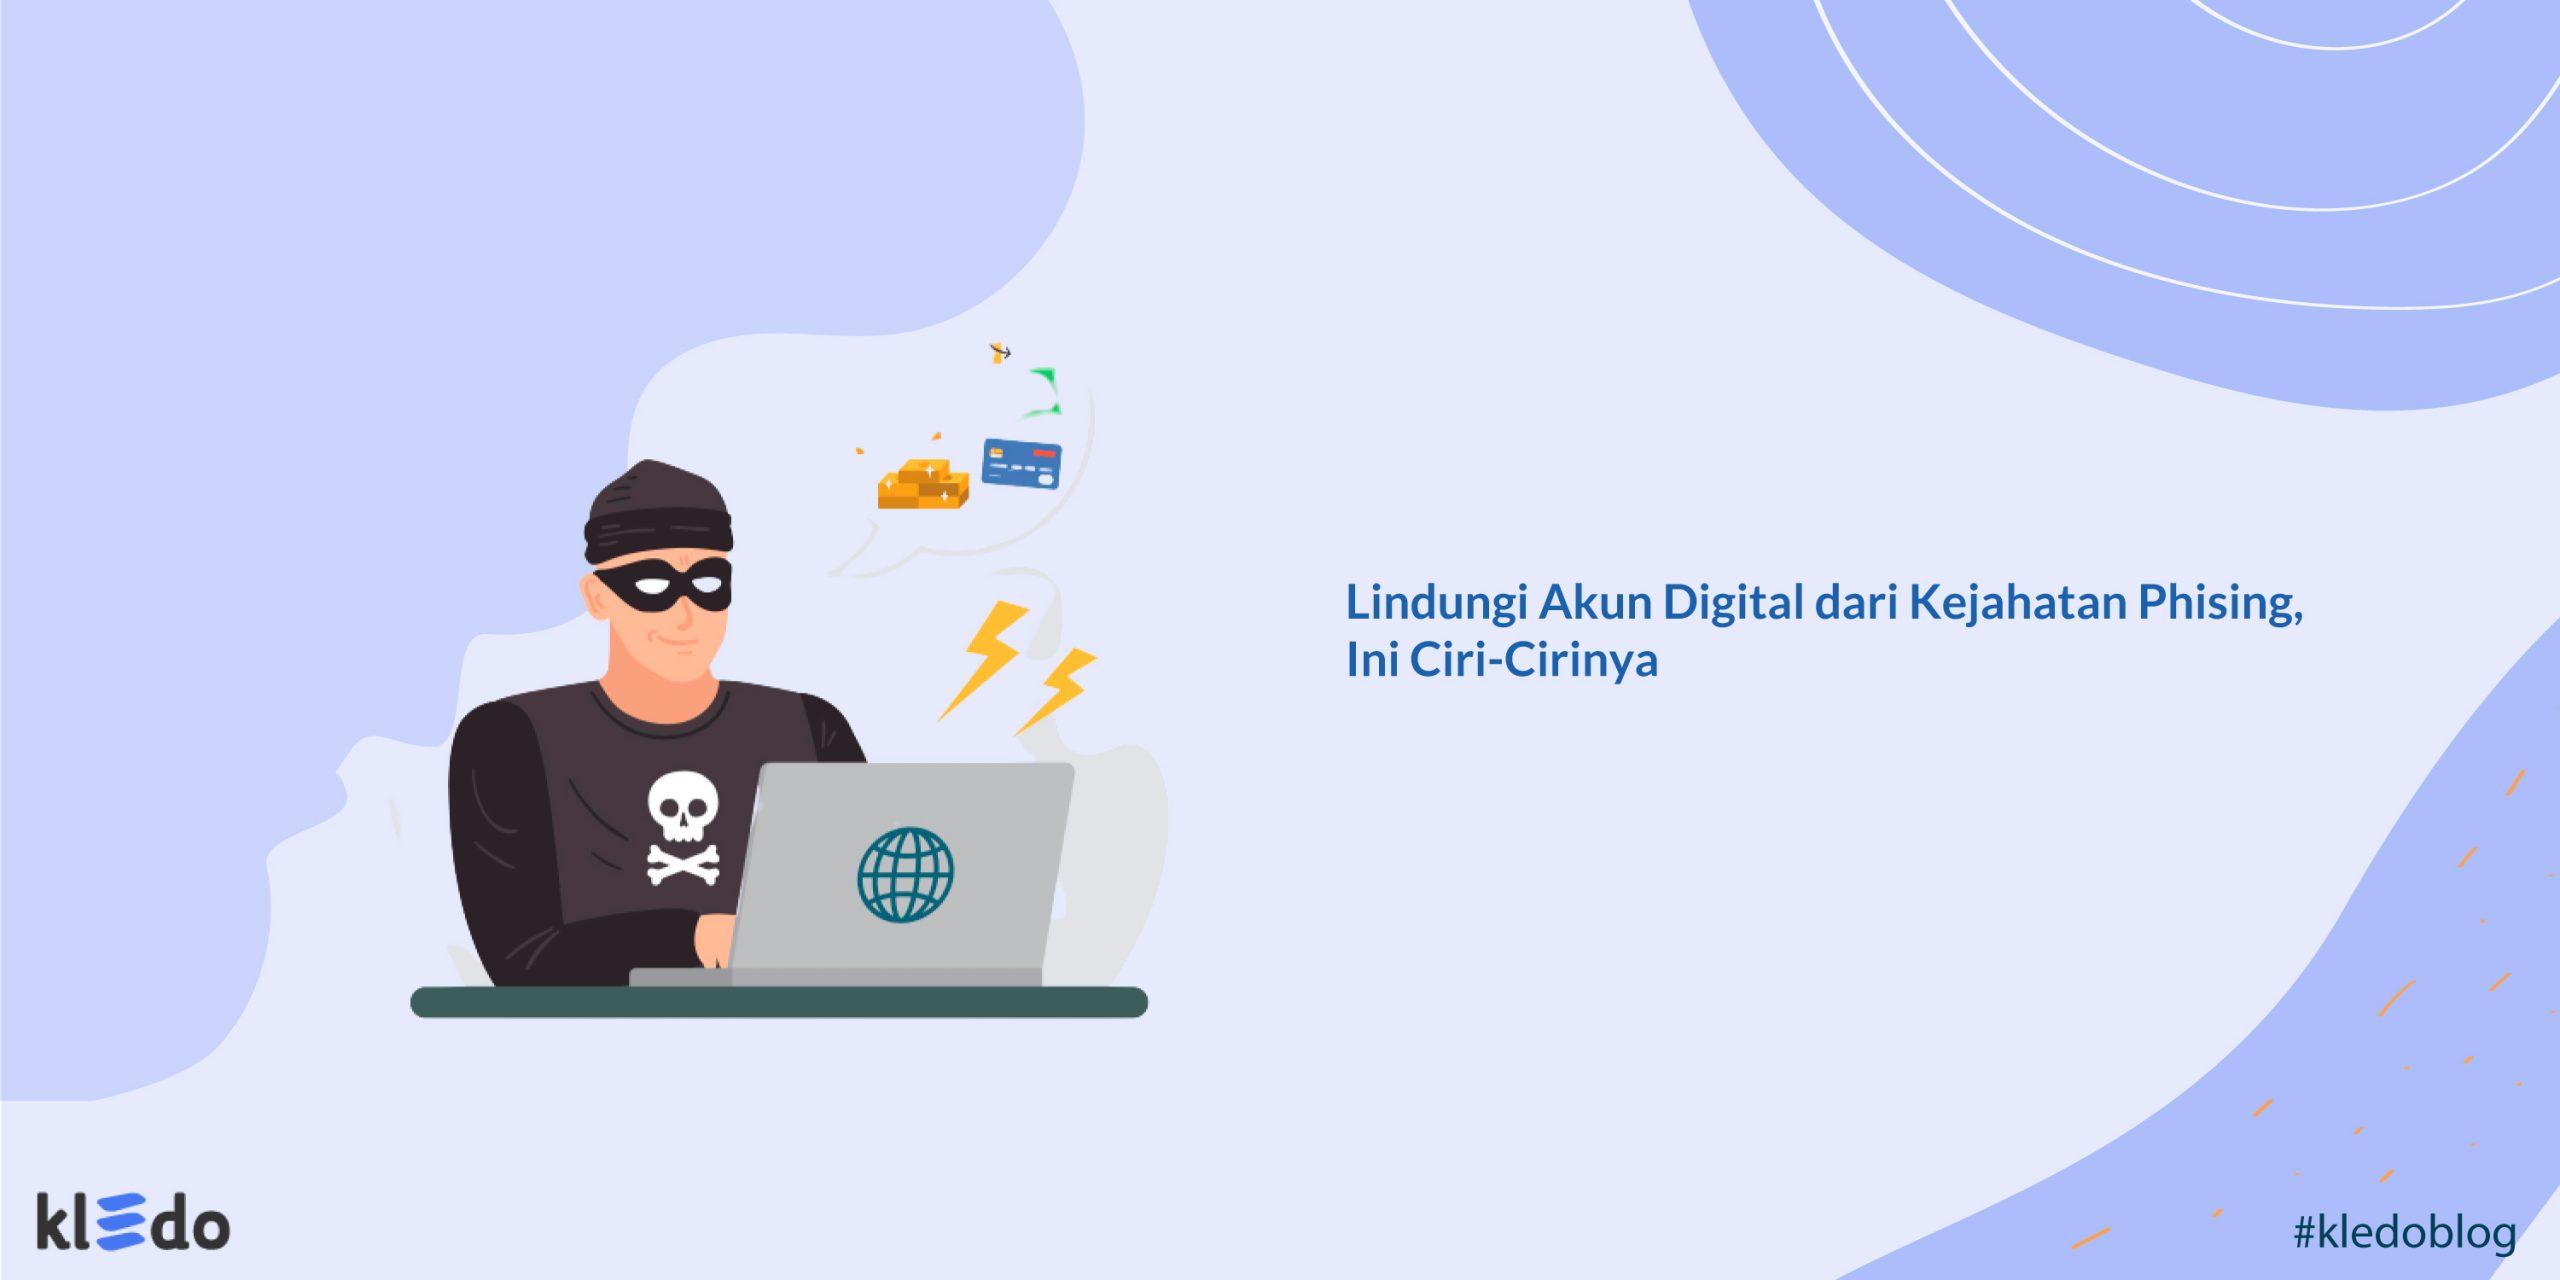 kejahatan online